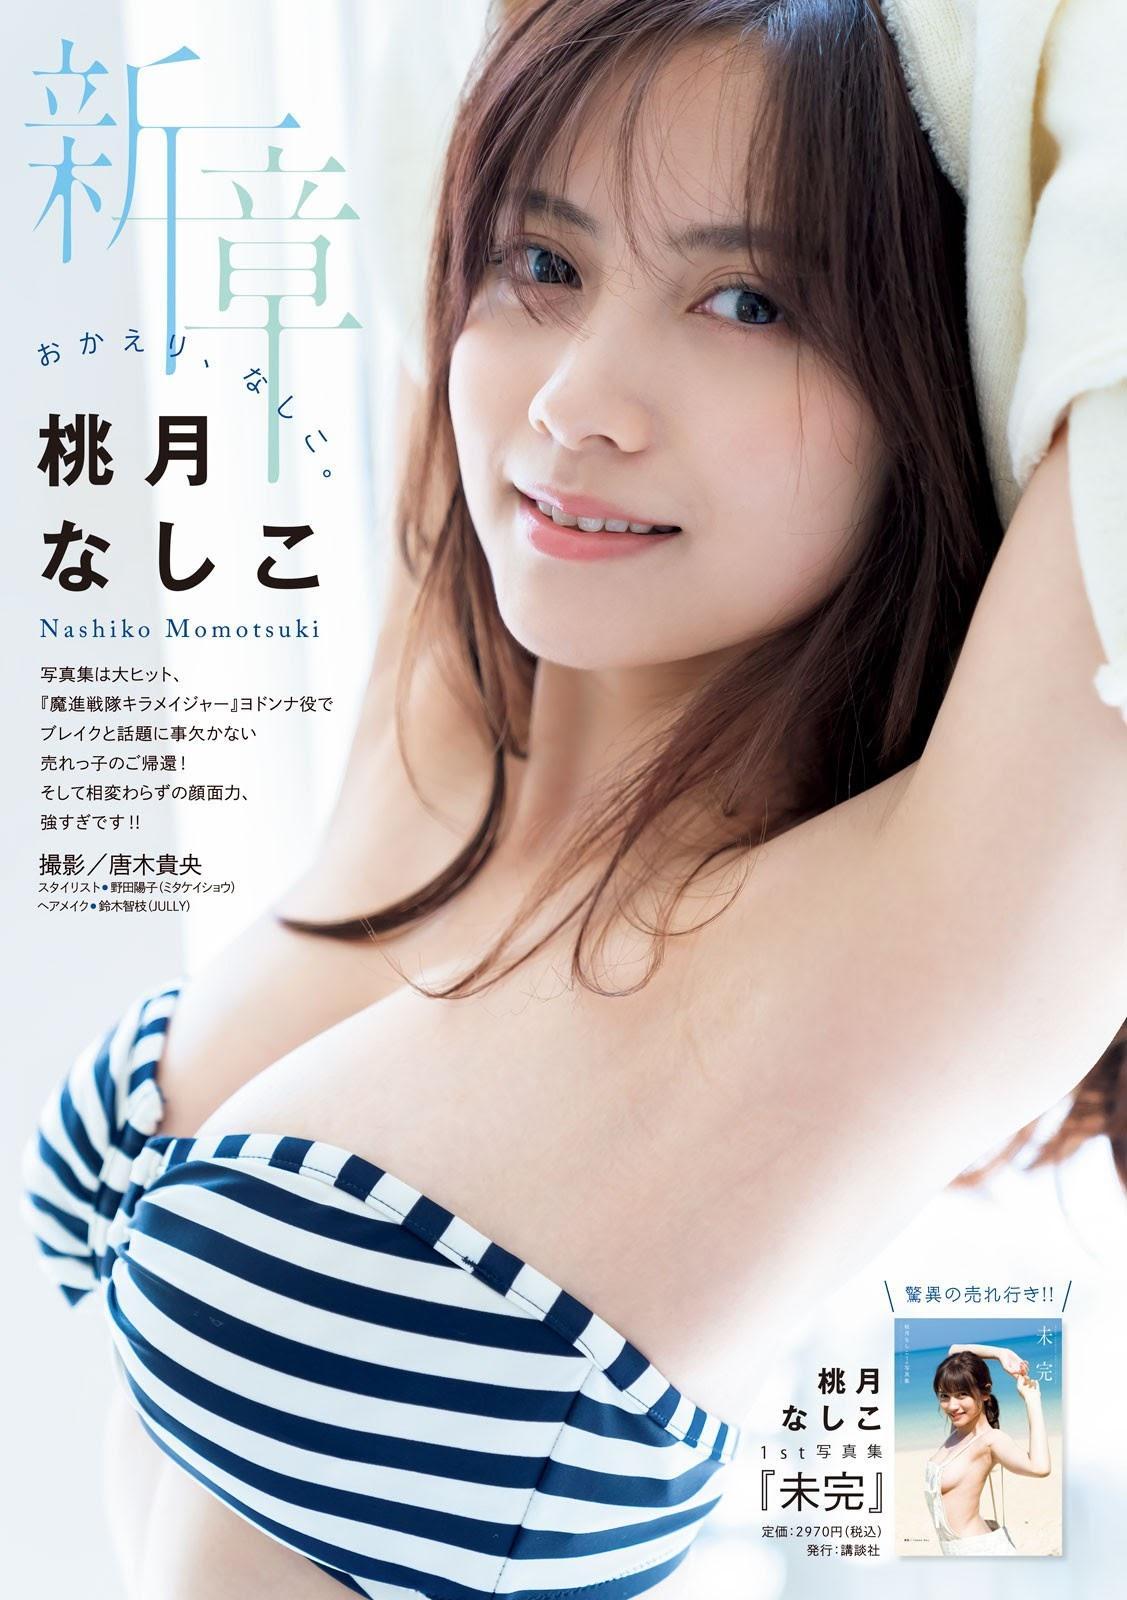 桃月梨子 新田あゆな-Young Magazine 2021 第23 24期  高清套图 第17张